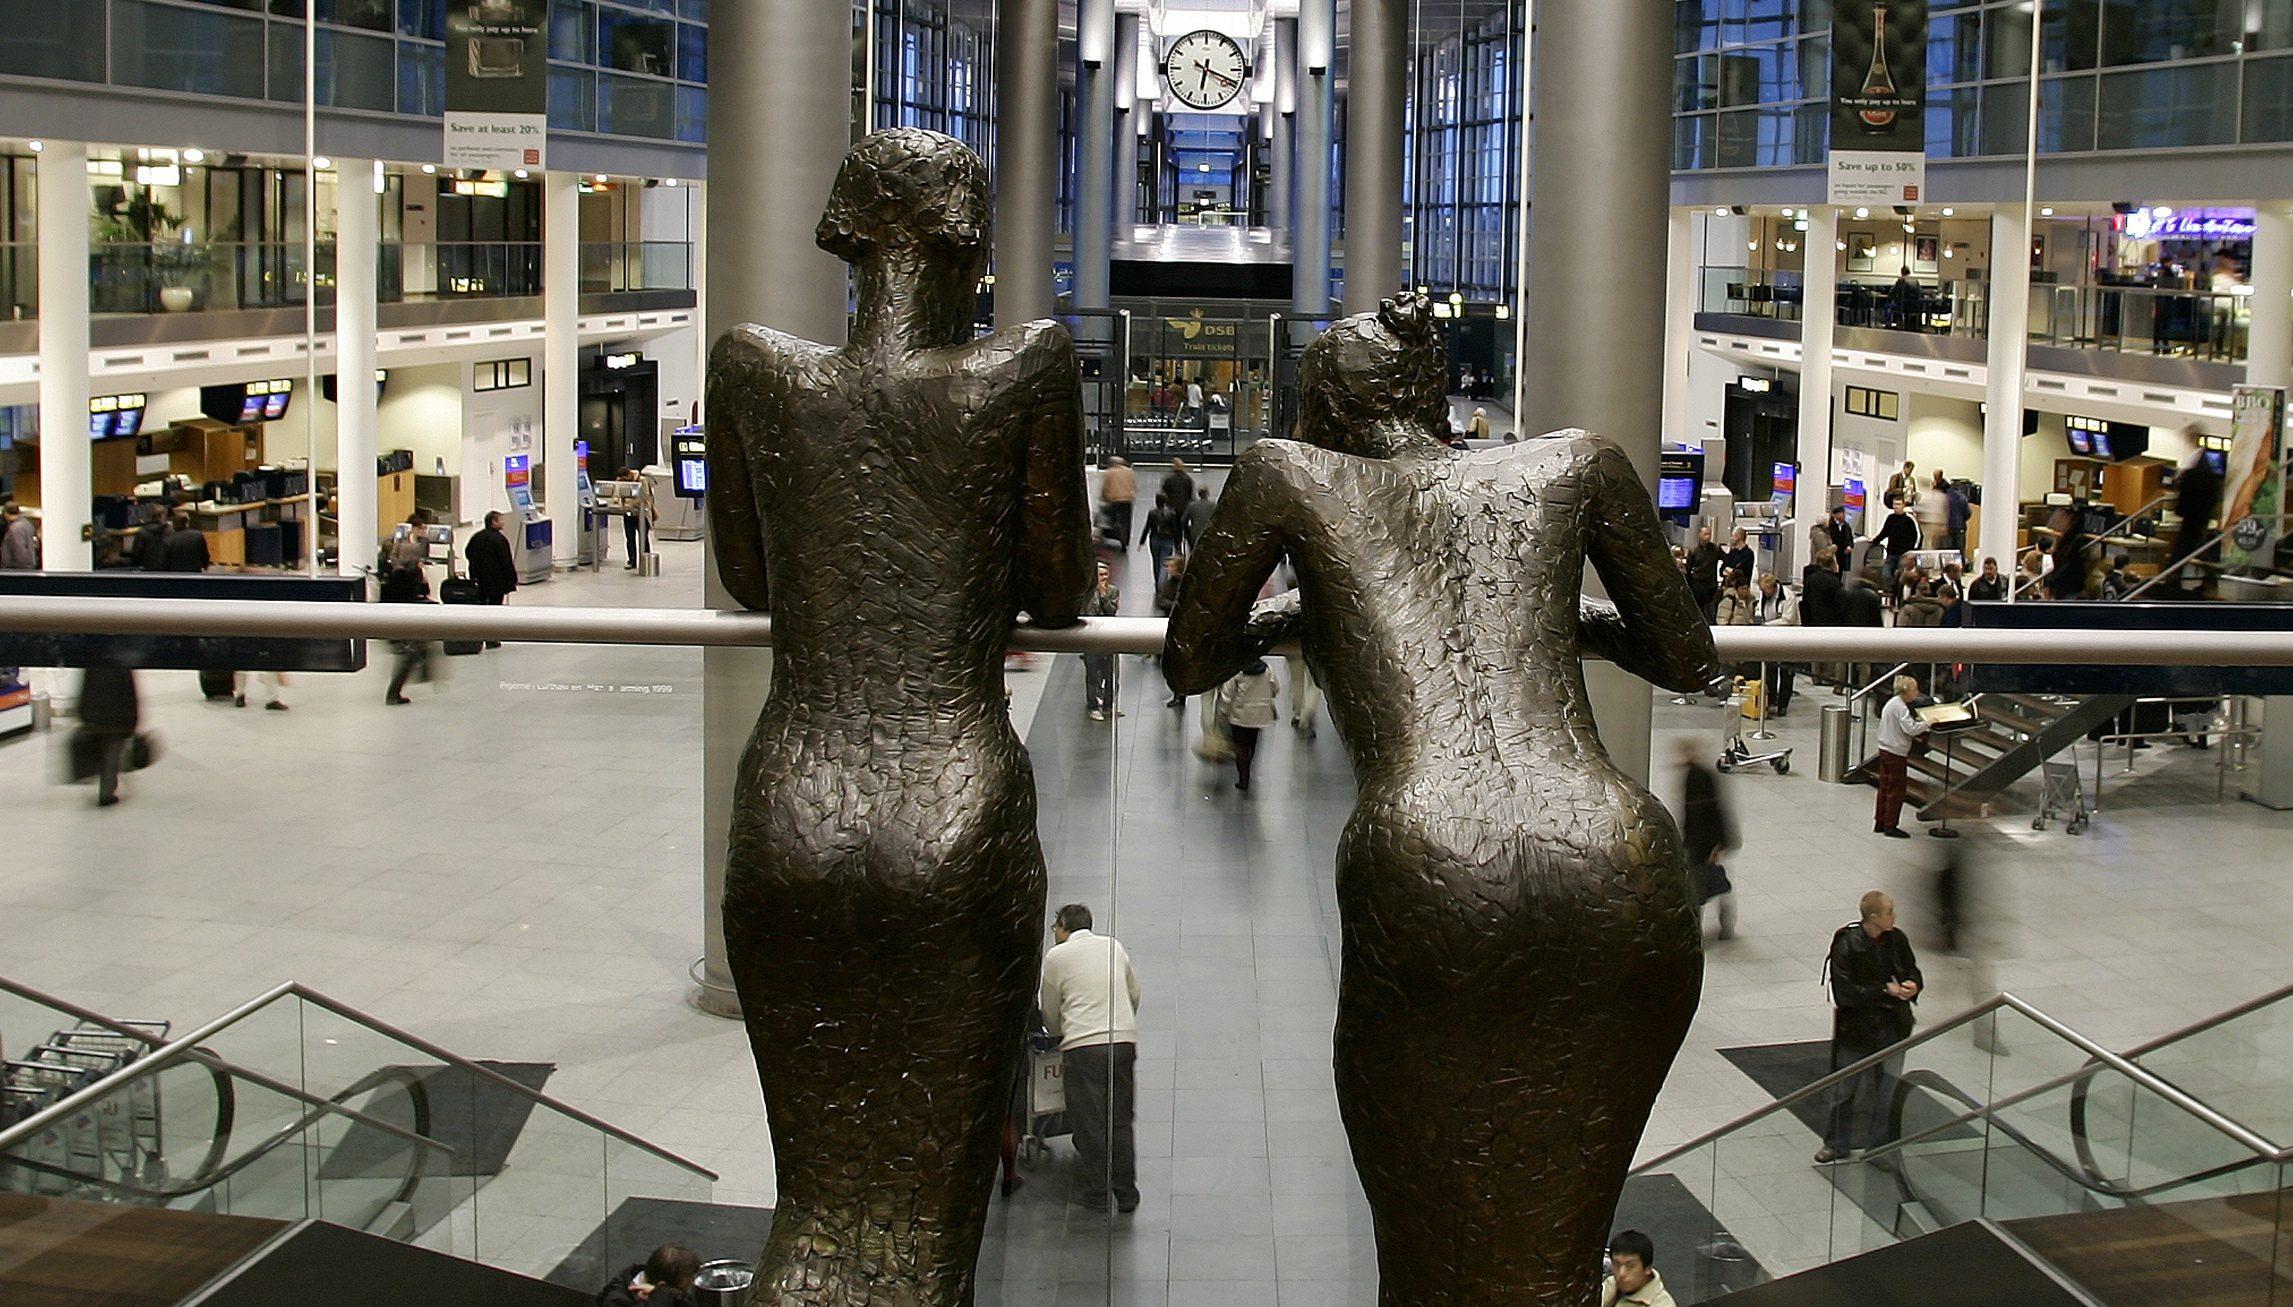 Også skulpturen med kvinderne i Københavns Lufthavn har under coronakrisen måtte kigge langt efter amerikanske turister. Nu kan de færdigvaccinerede så småt være på vej tilbage. Arkivpressefoto: Københavns Lufthavn.